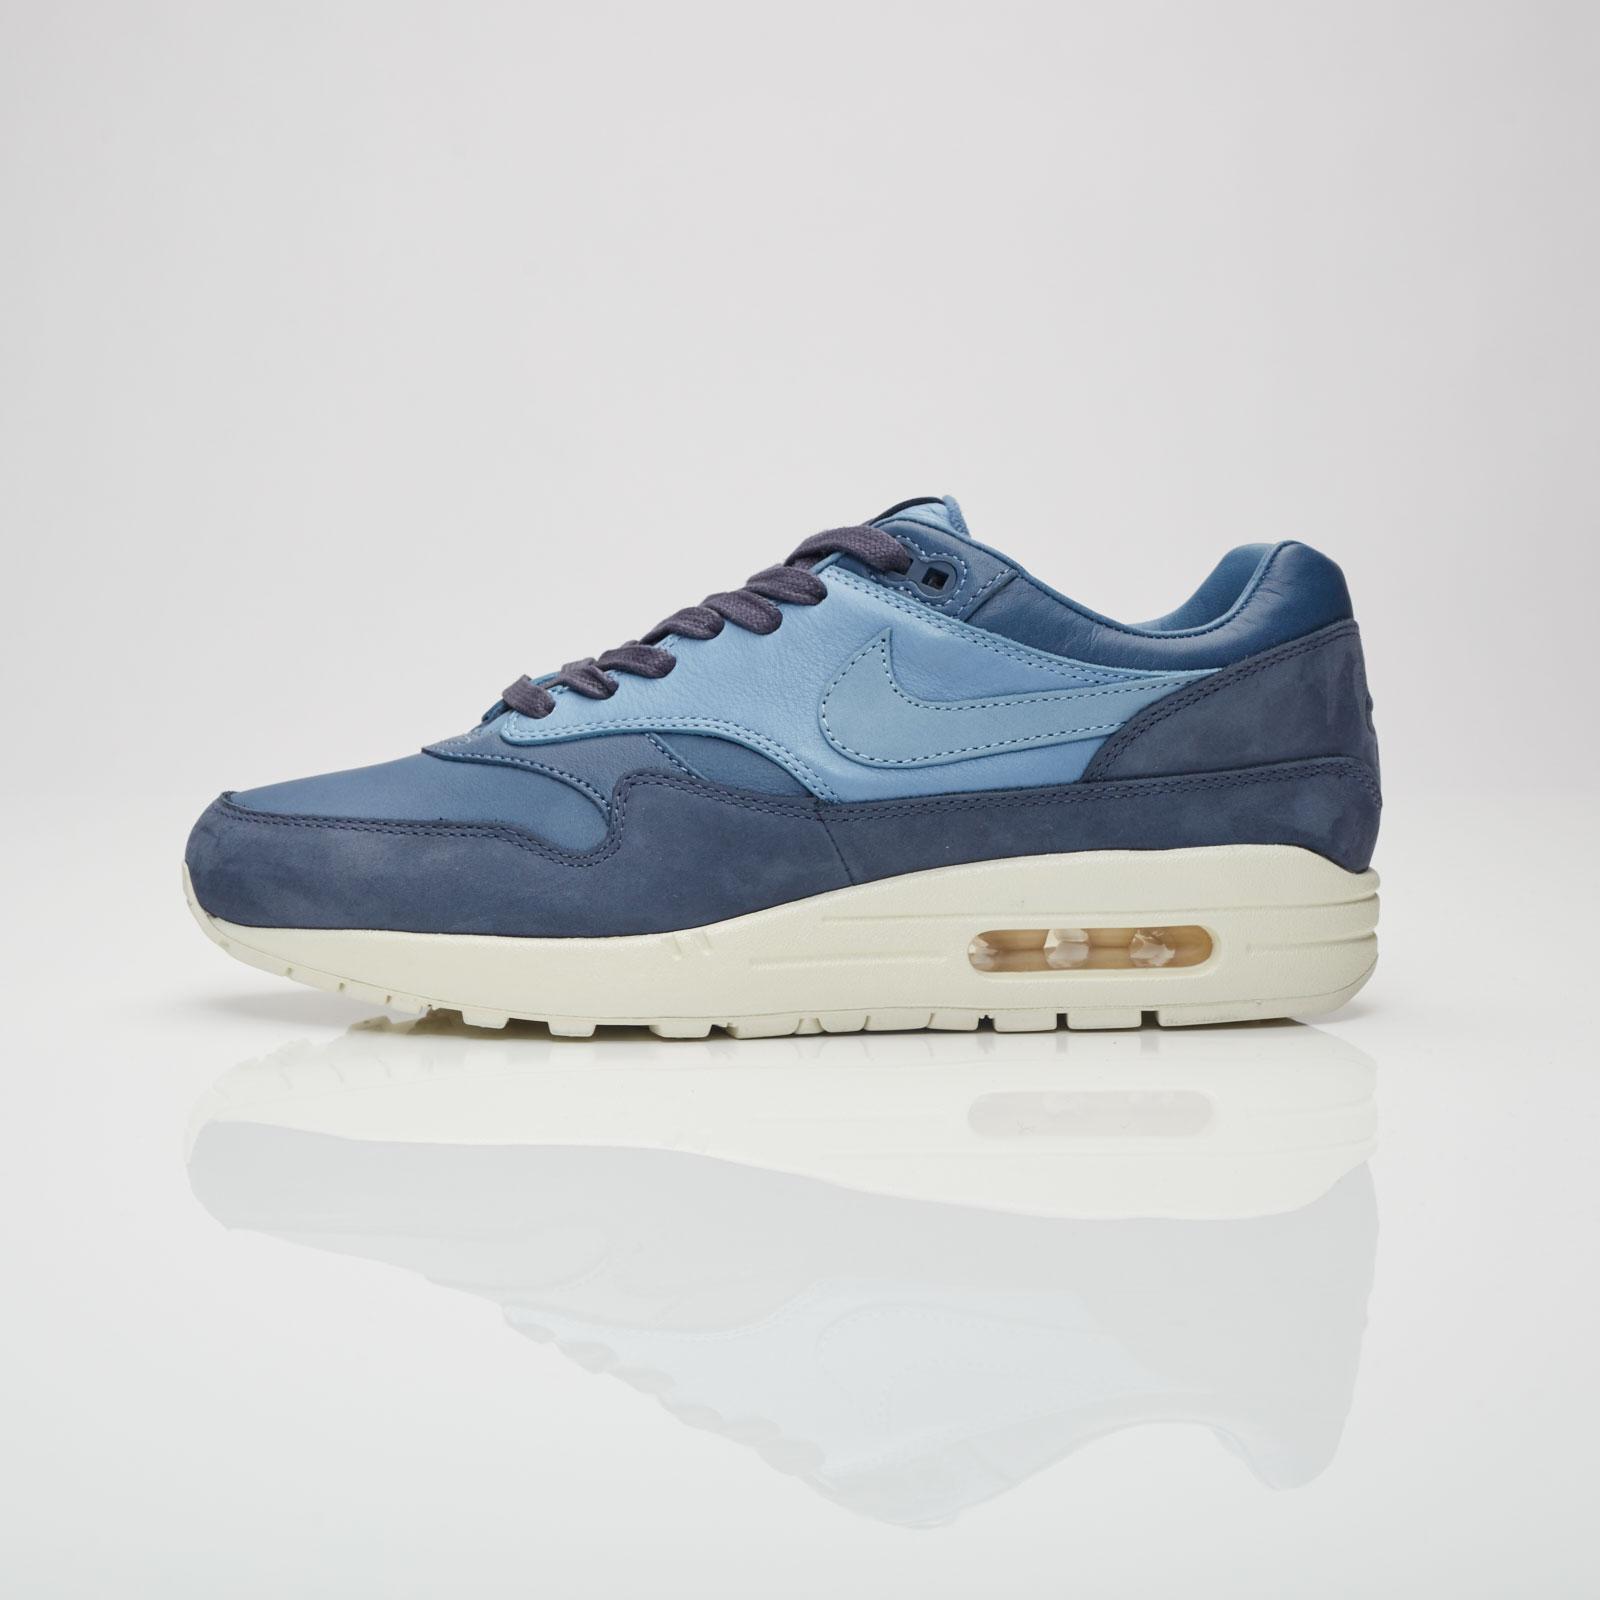 1f1d30c833 Nike Air Max 1 Pinnacle - 859554-400 - Sneakersnstuff | sneakers &  streetwear online since 1999